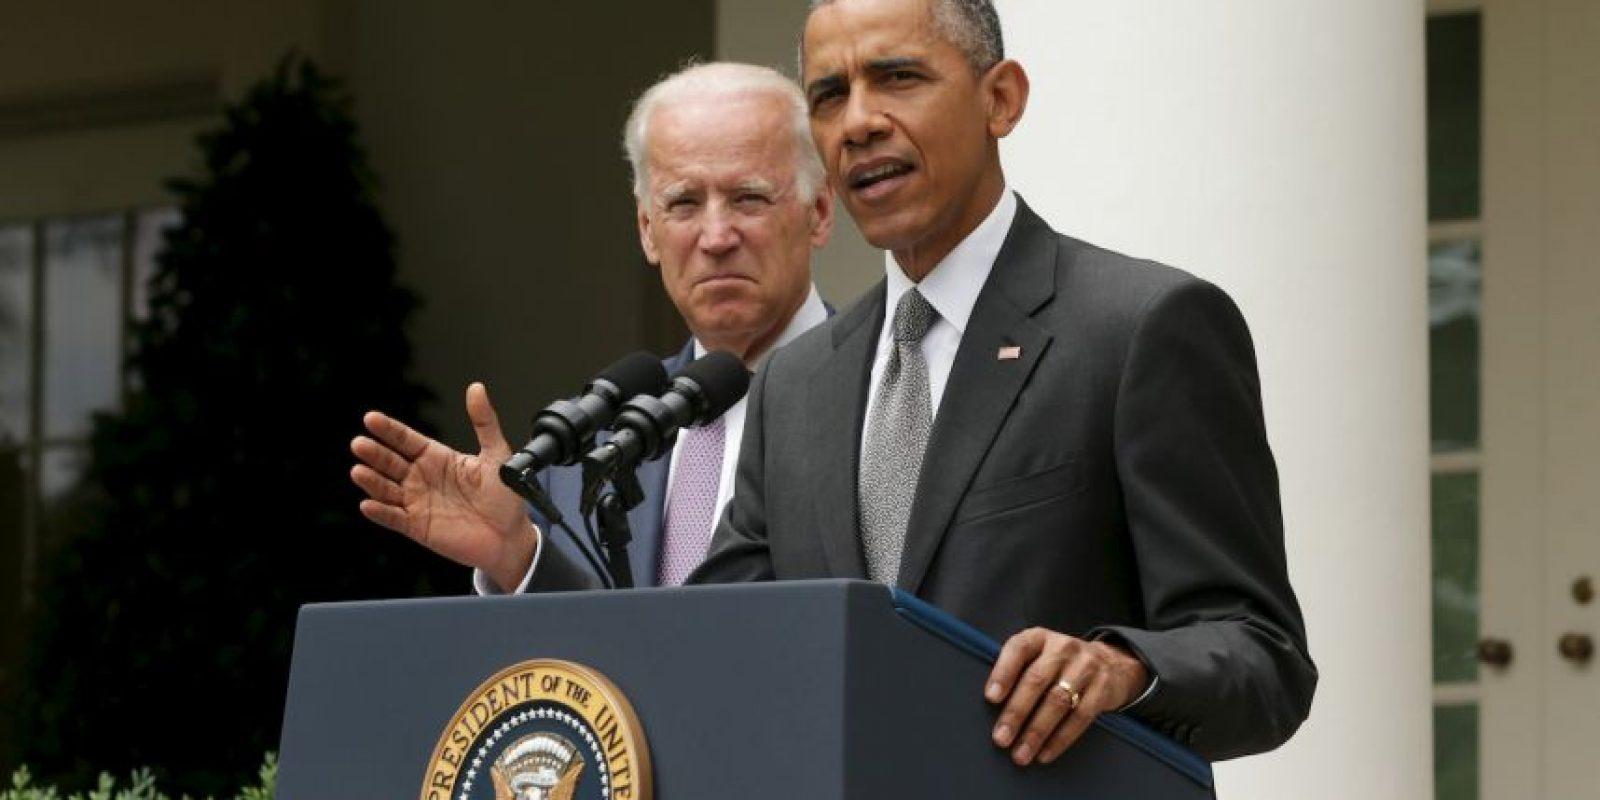 El presidente Barack Obama no descarta apoyar a uno de los candidatos demócratas en las elecciones primarias de 2016, según su portavoz, Josh Earnest. Foto:Getty Images